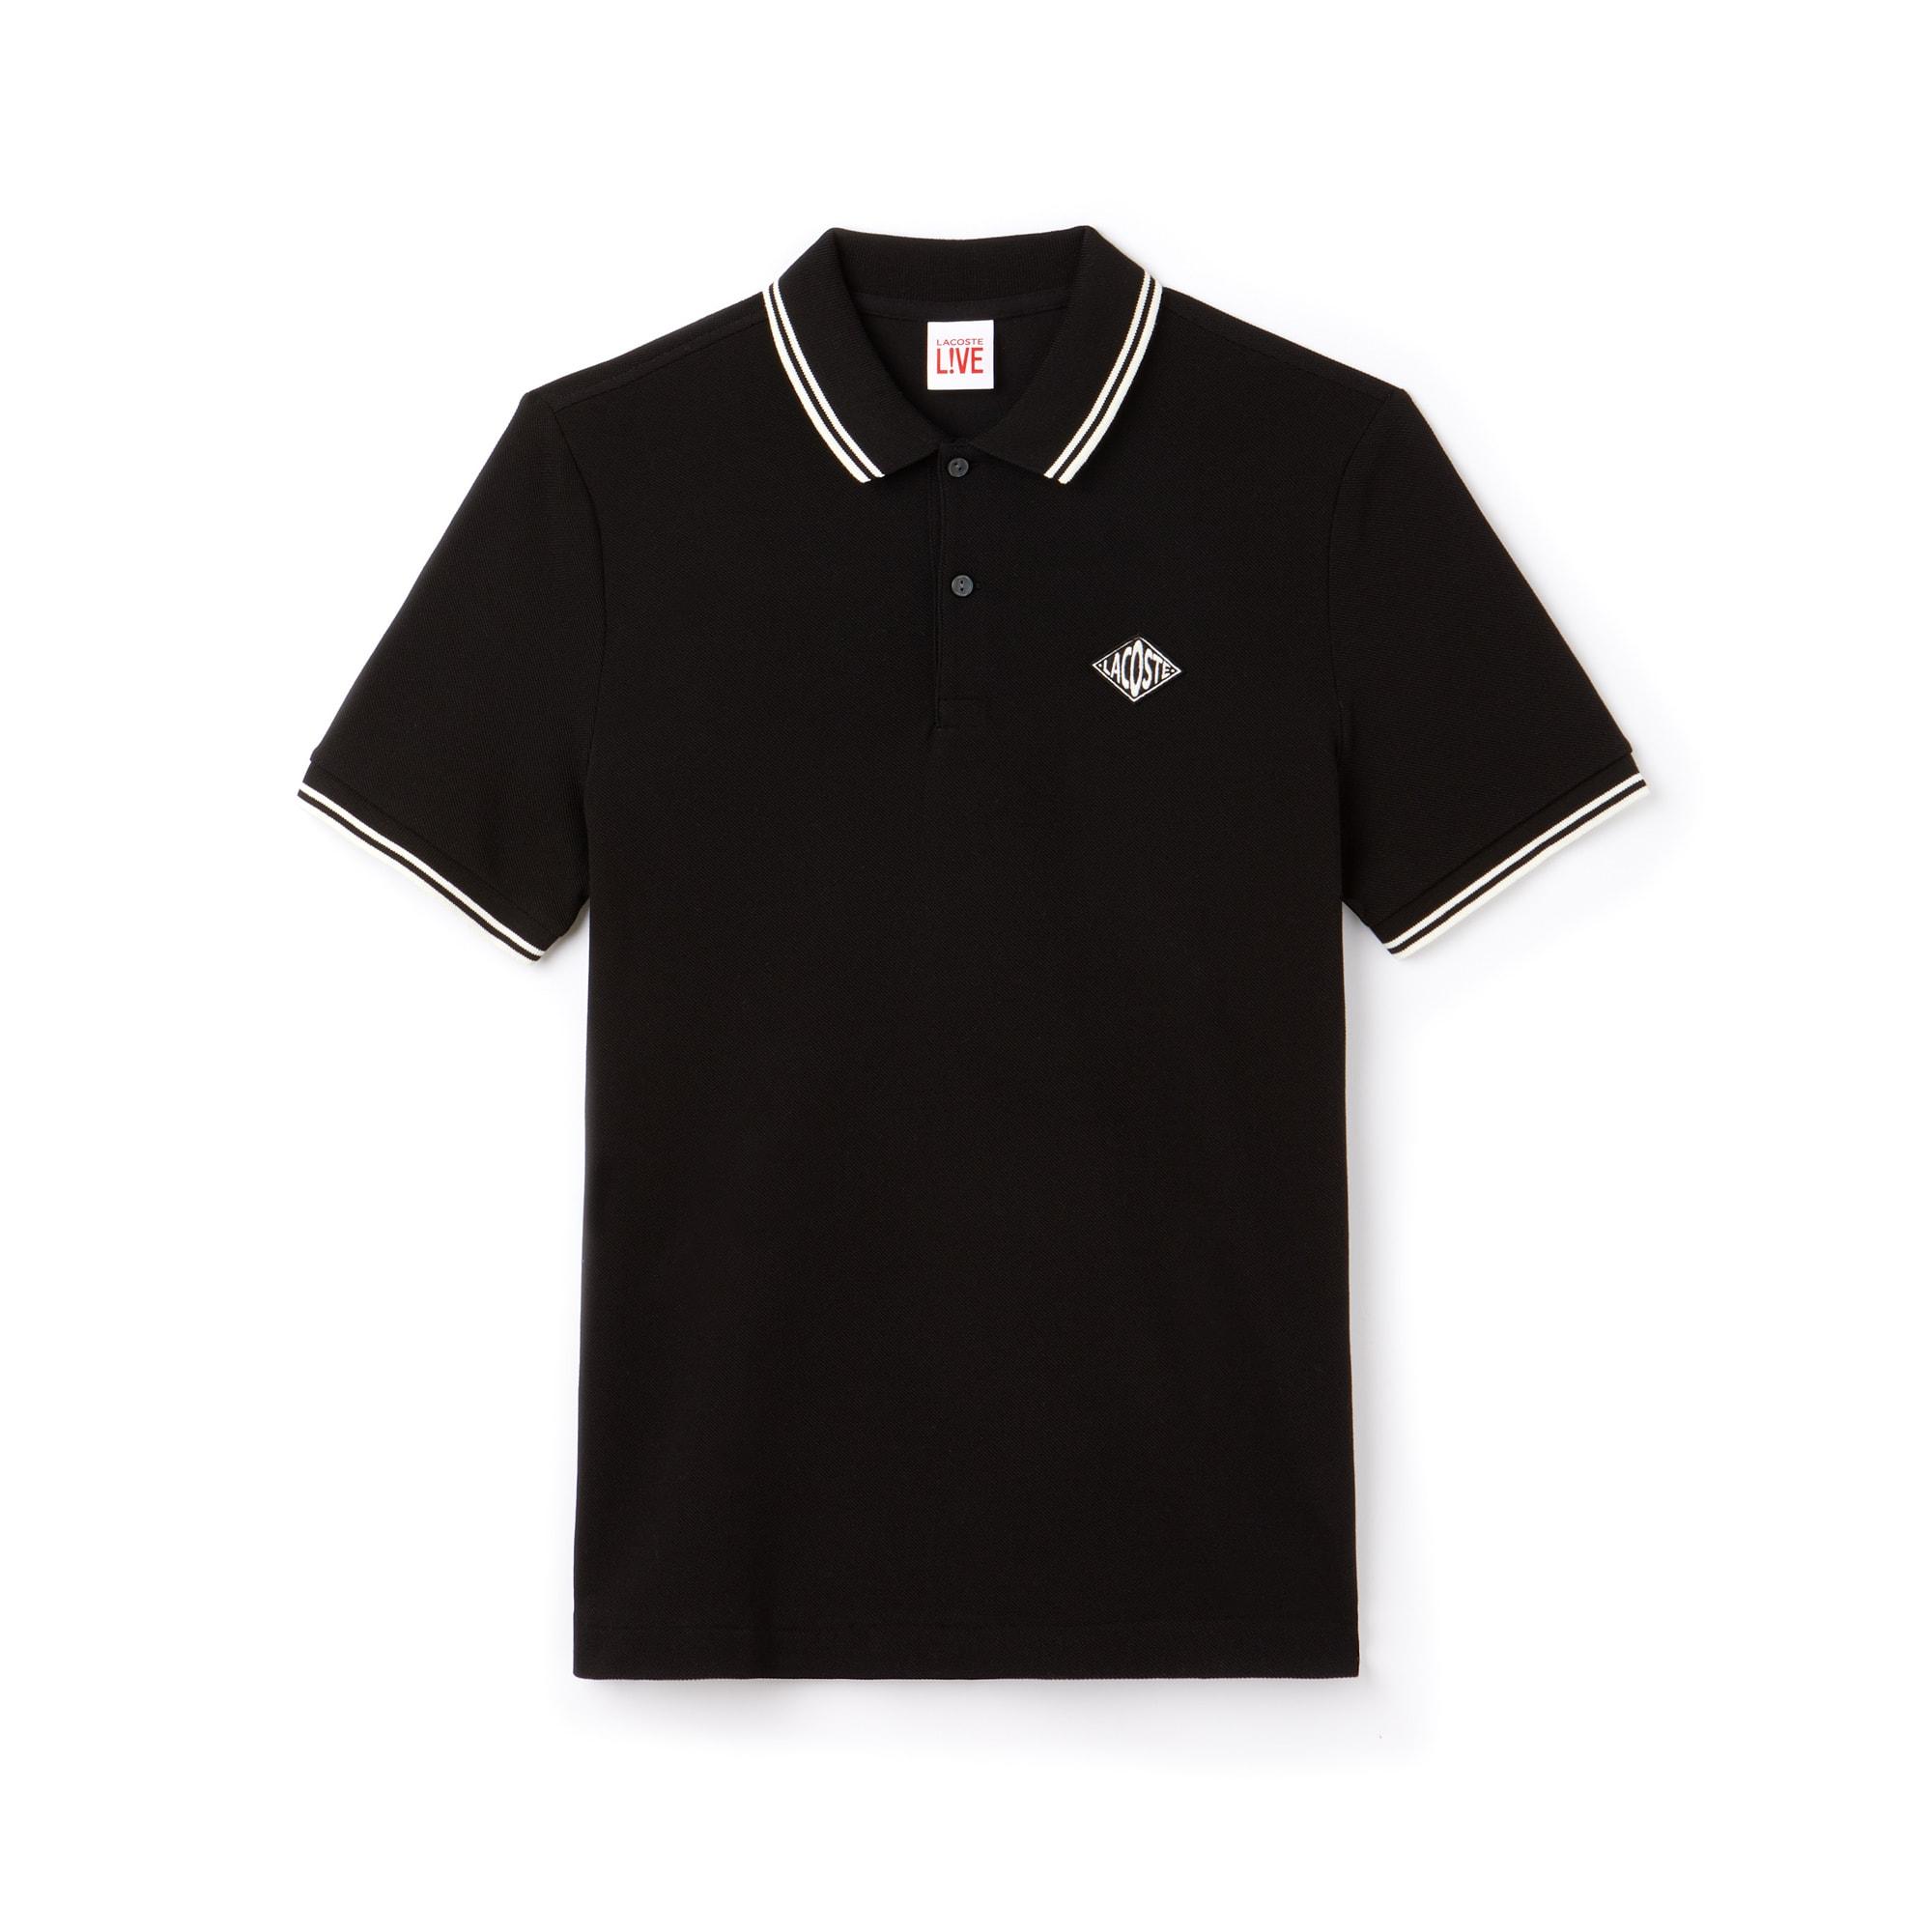 0a7171b4cb020 Men s Lacoste LIVE Slim Fit Bands And Badge Cotton Petit Piqué Polo ...